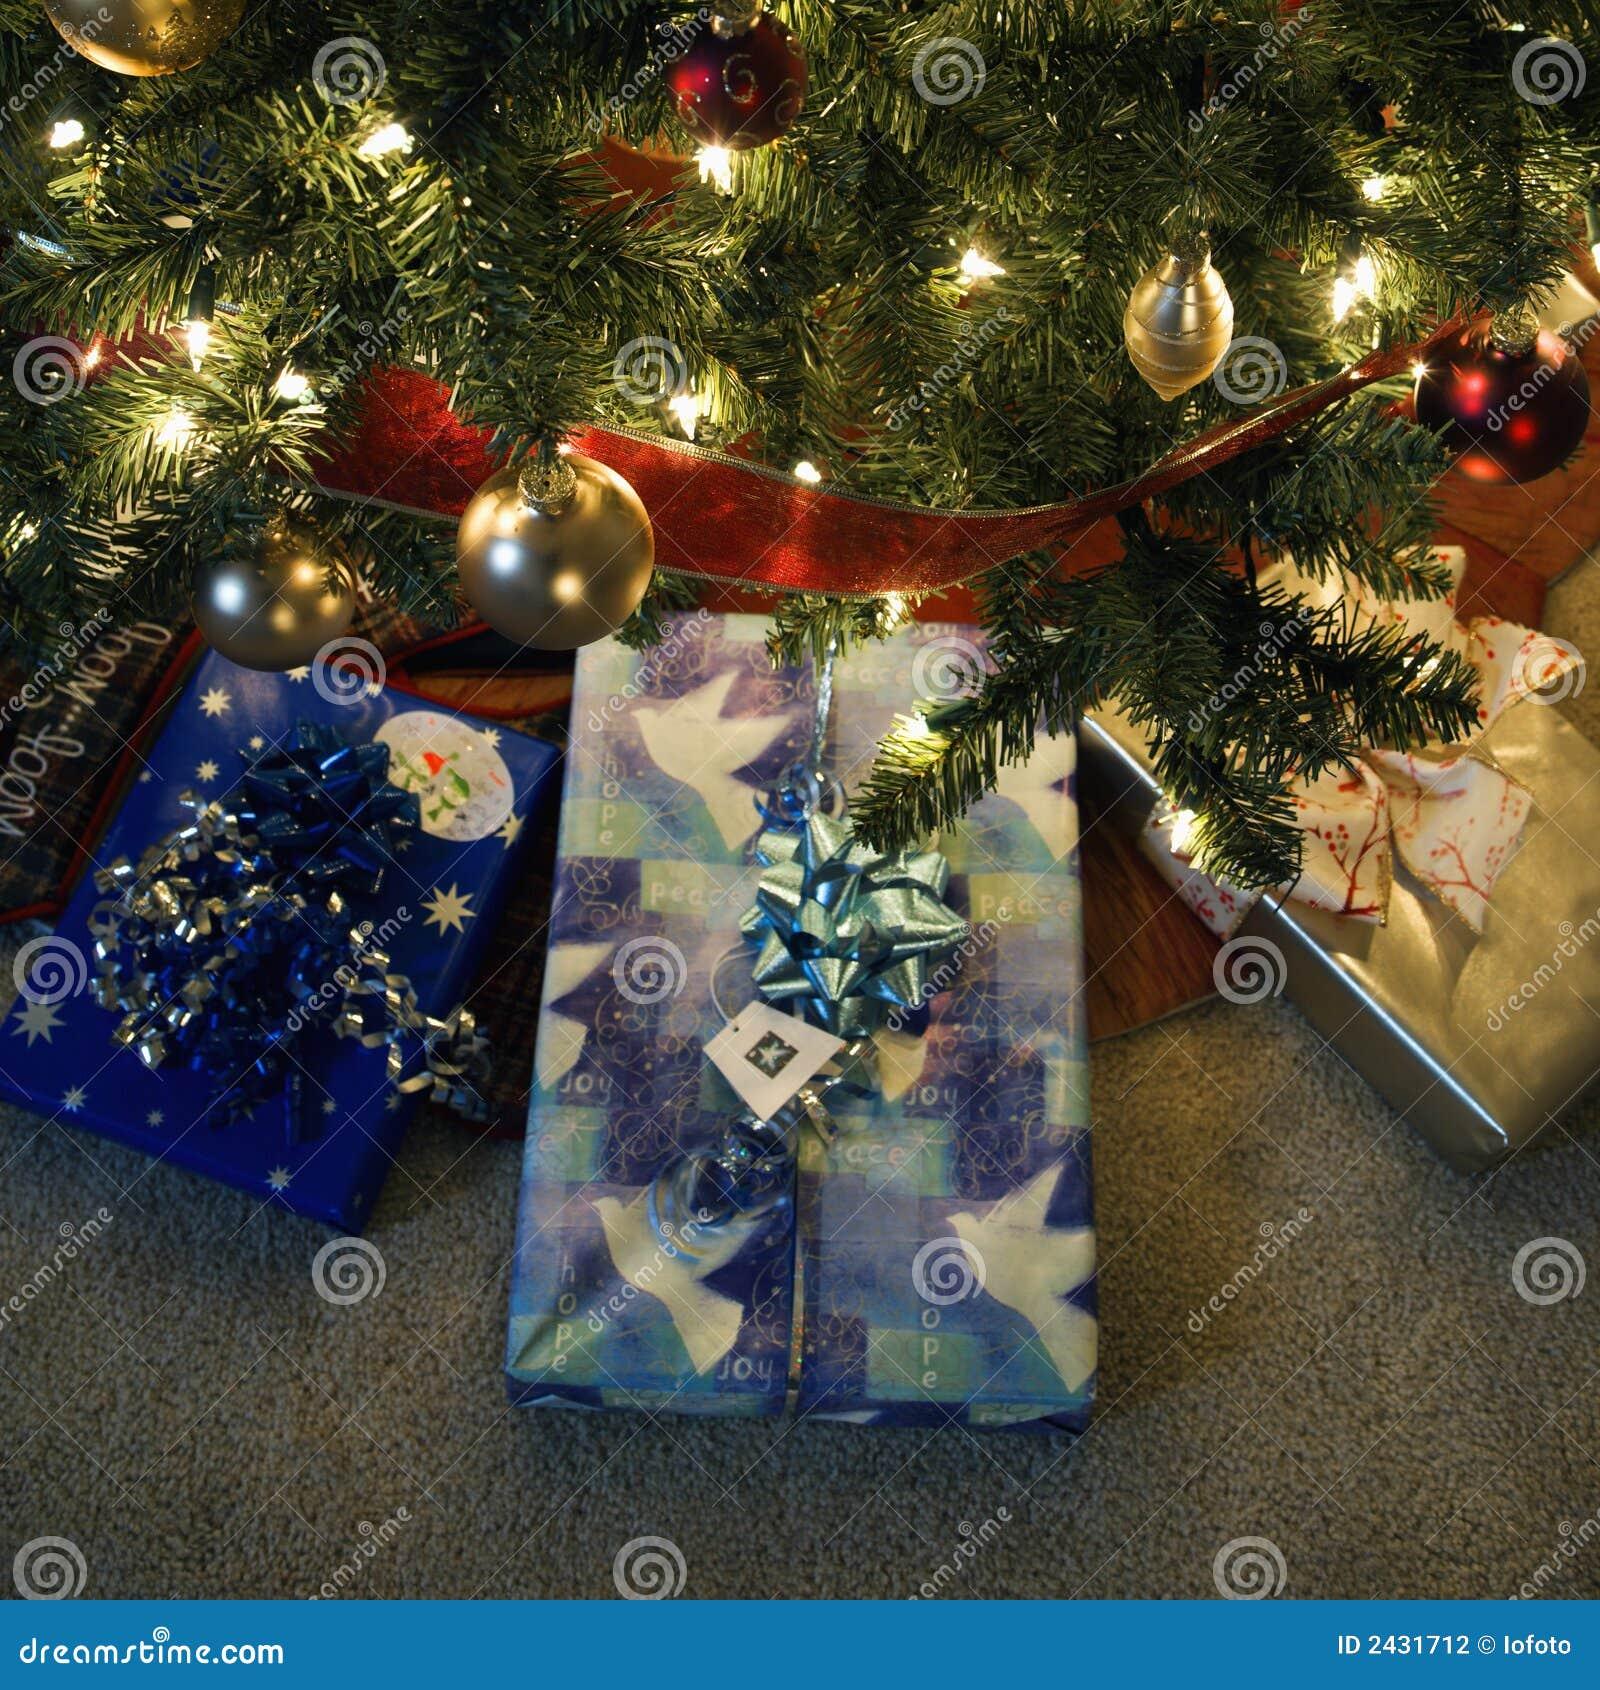 Weihnachtsgeschenke Unter Baum. Stockfoto - Bild von geschenke, baum ...